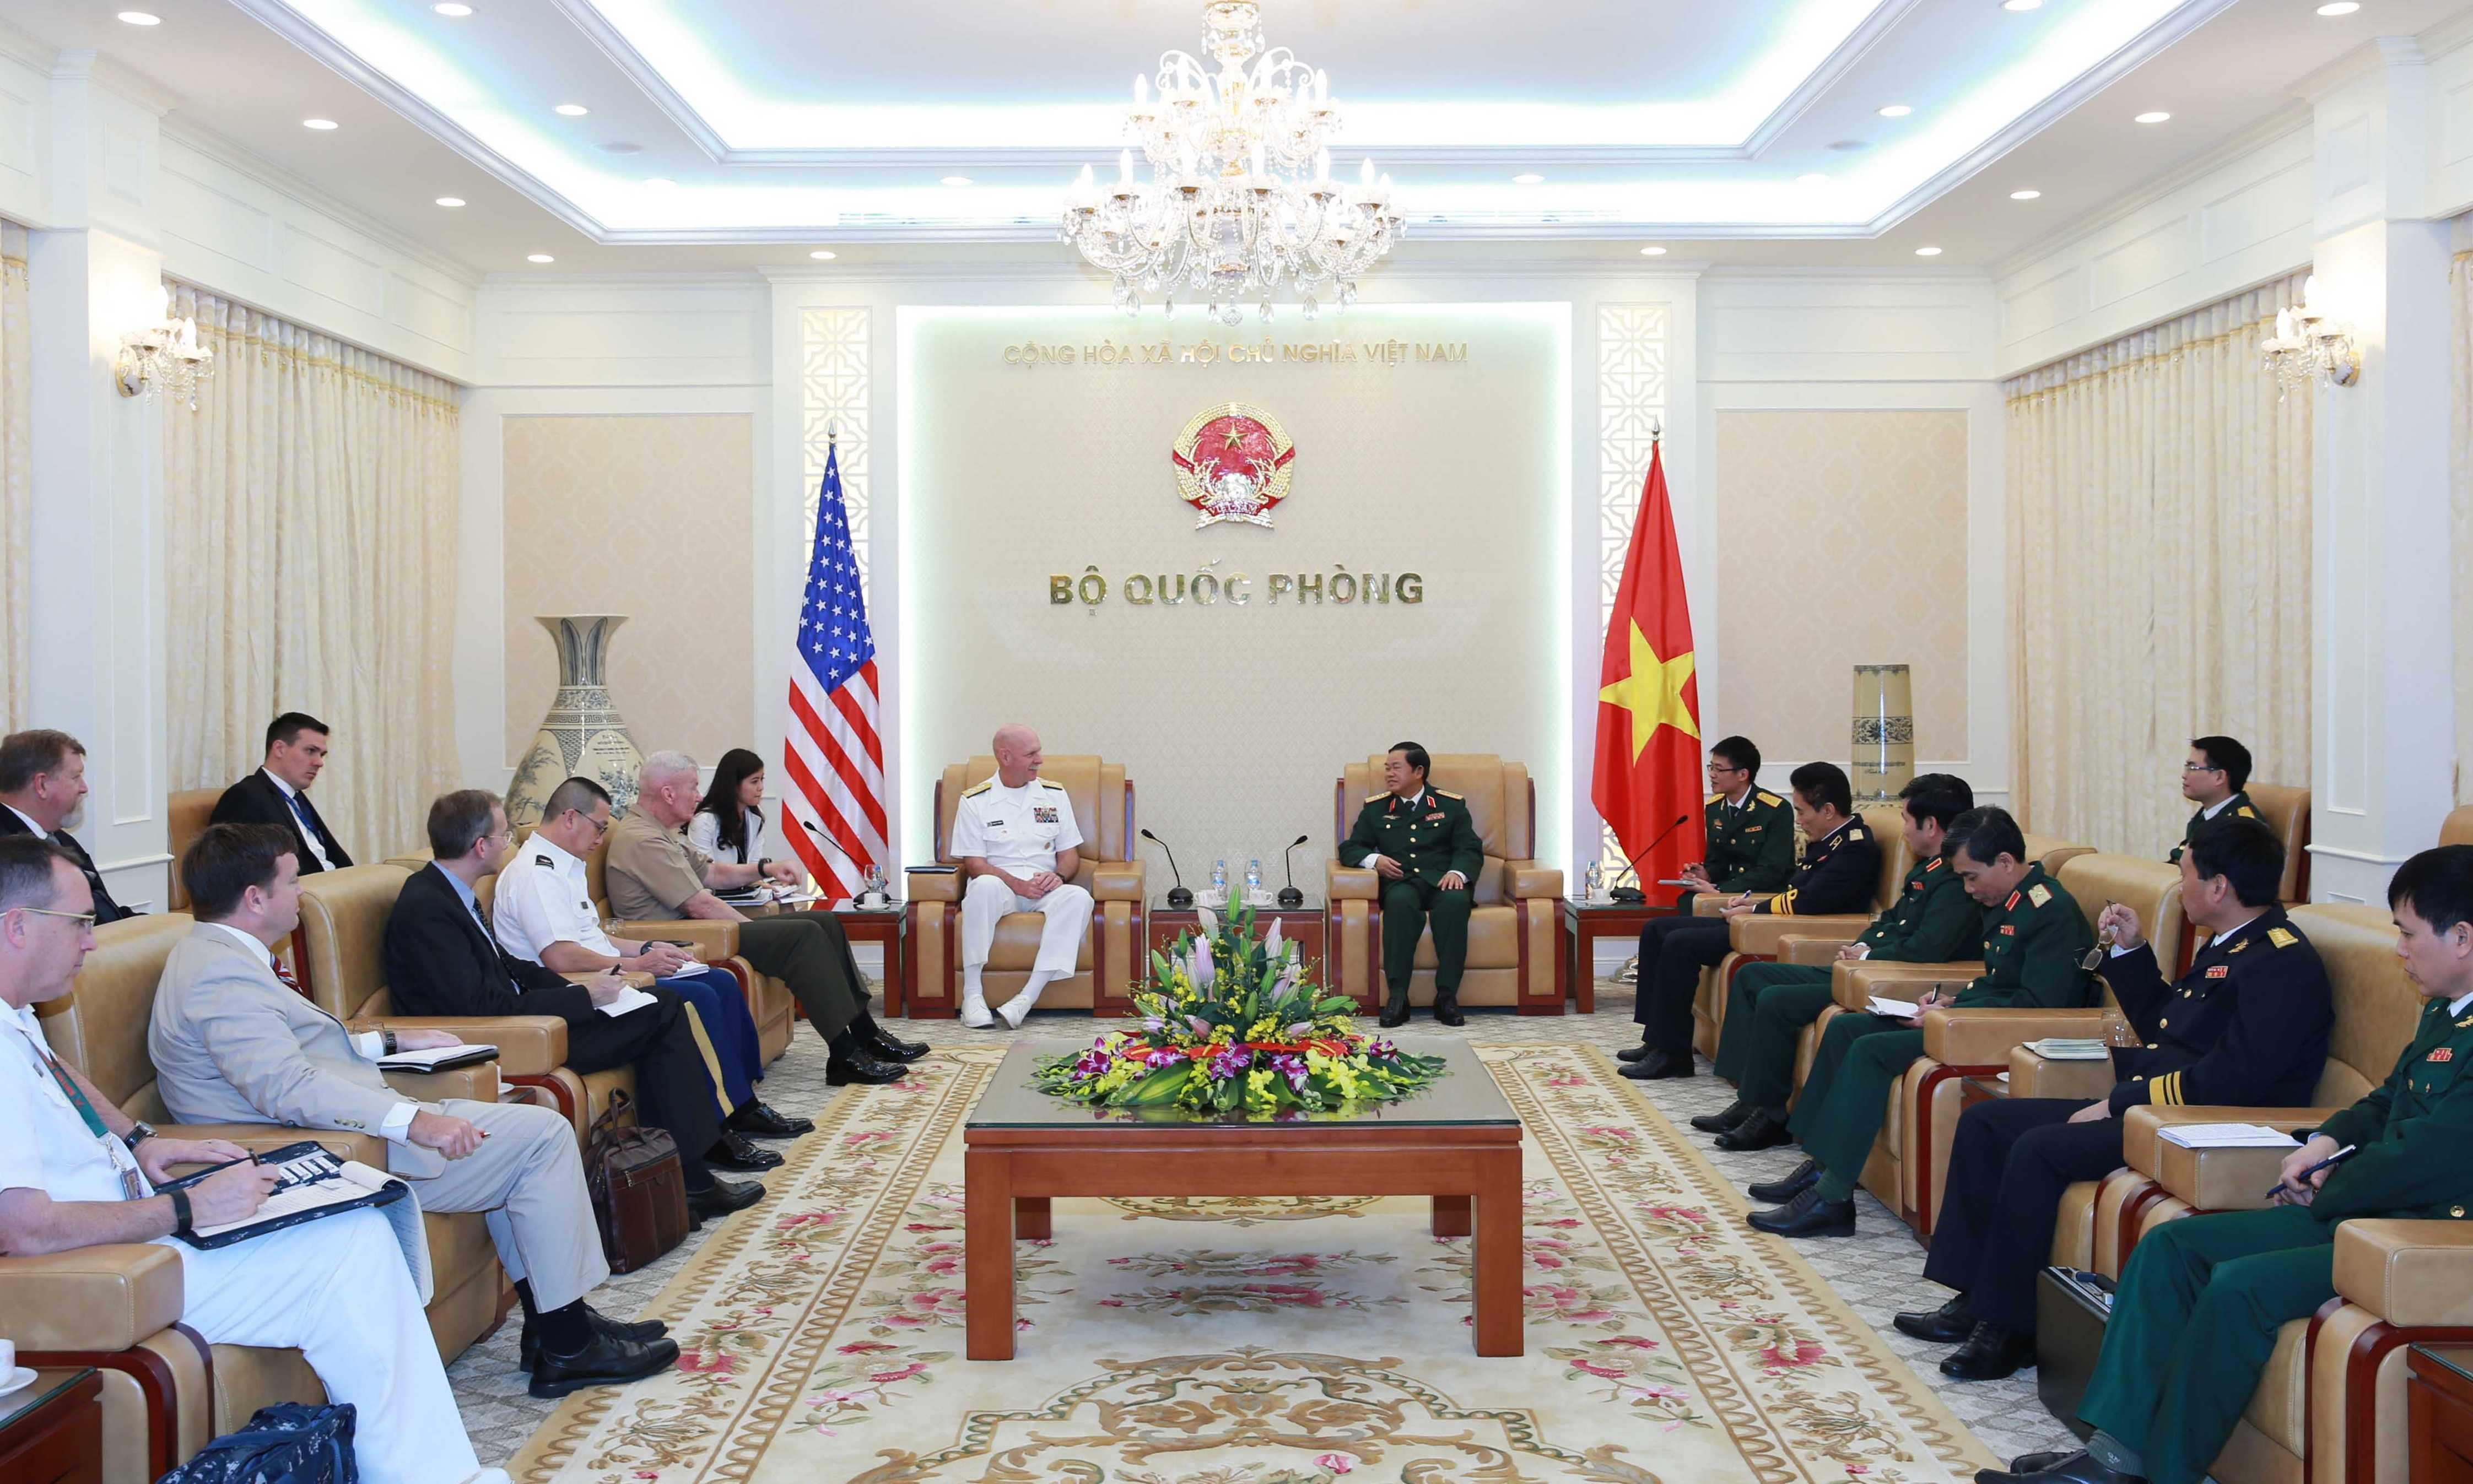 Các đại biểu Hạm đội Thái Bình Dương, Mỹ hội đàm với Bộ Quốc phòng Việt Nam - Ảnh: Hồng Pha